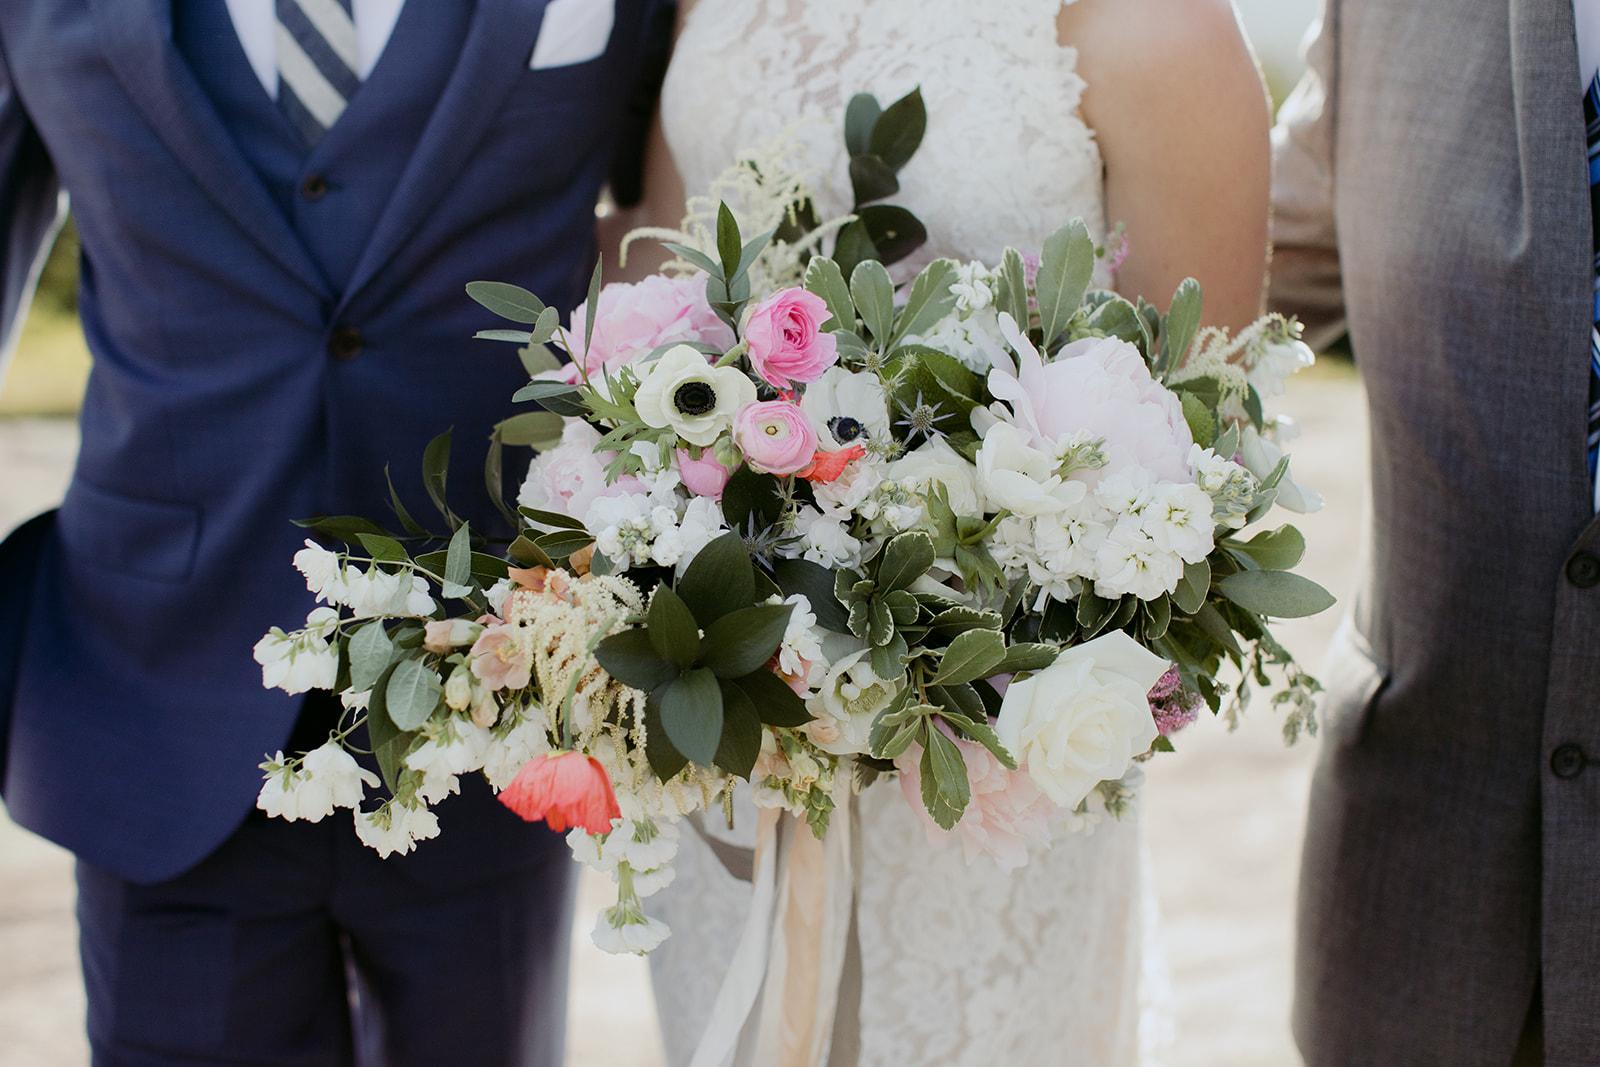 Watershed_Floral_Acadia_Maine_Wedding_Florist__Acadia_244.jpg